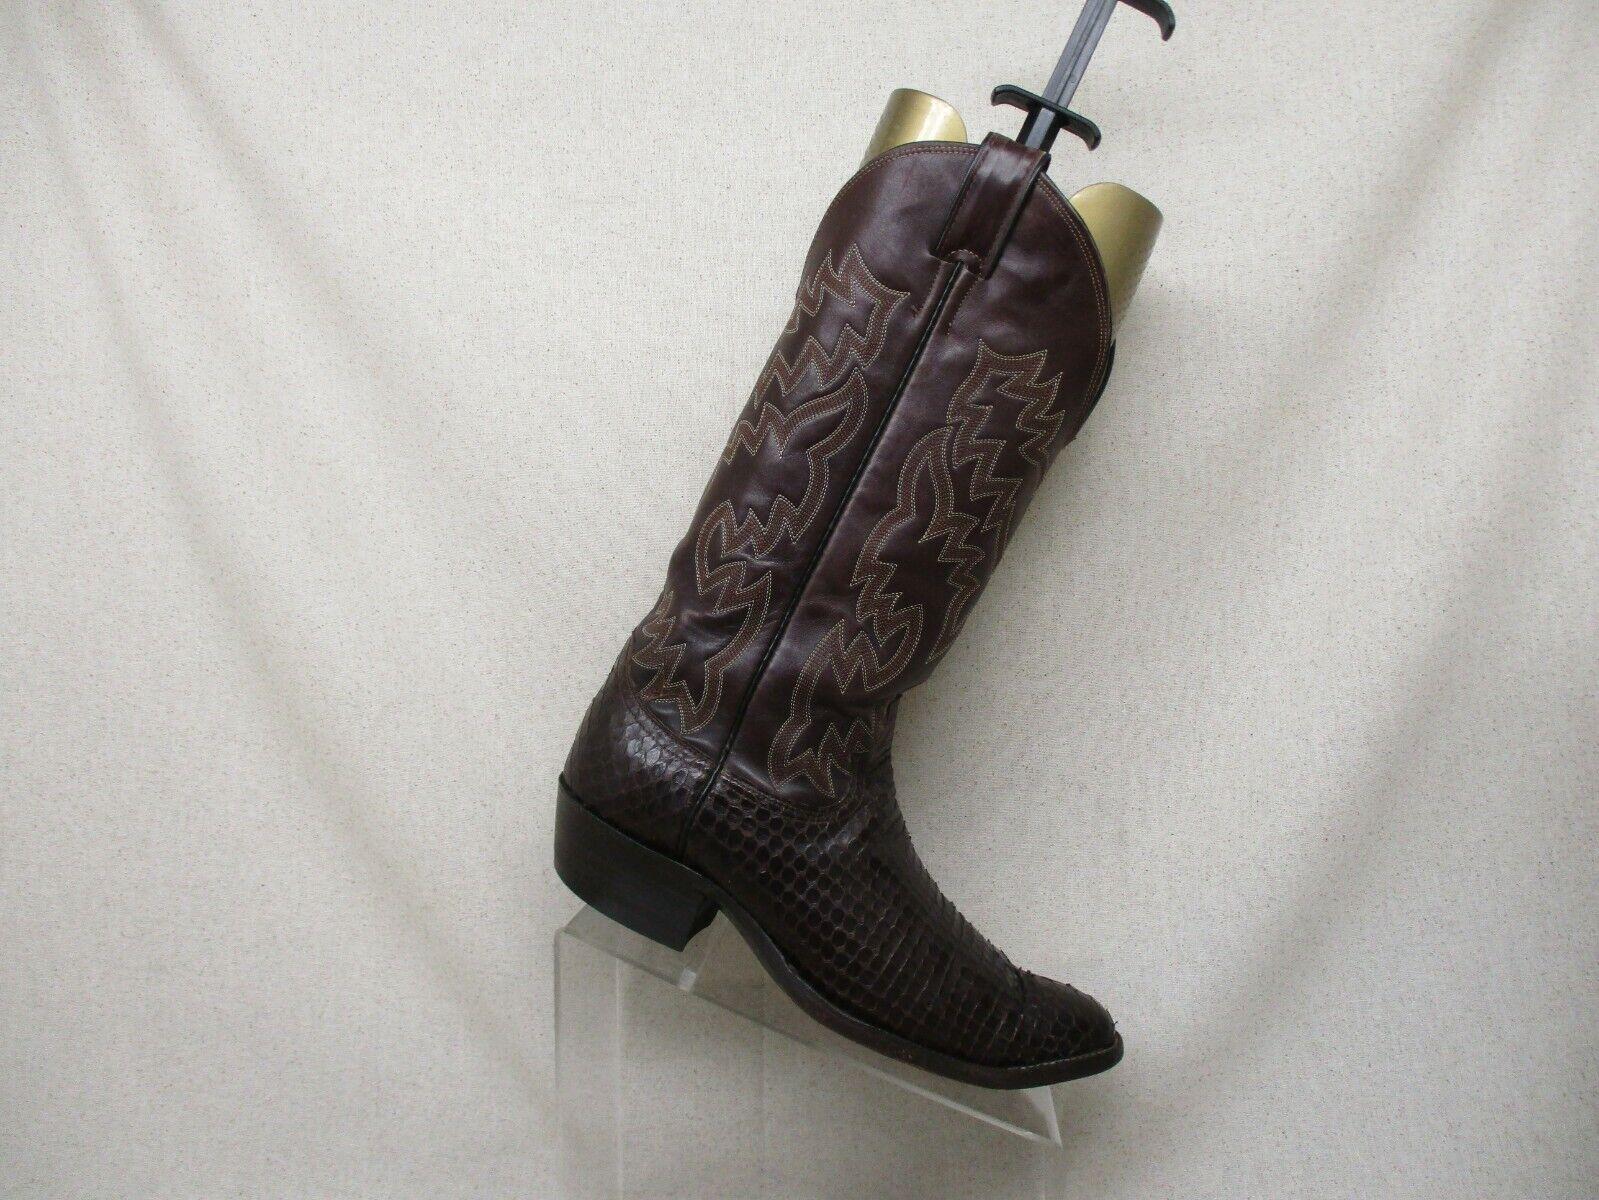 JUSTIN Marrón Cuero Piel De Serpiente vaquero occidental botas MENS TAMAÑO D 8.5 estilo 3661